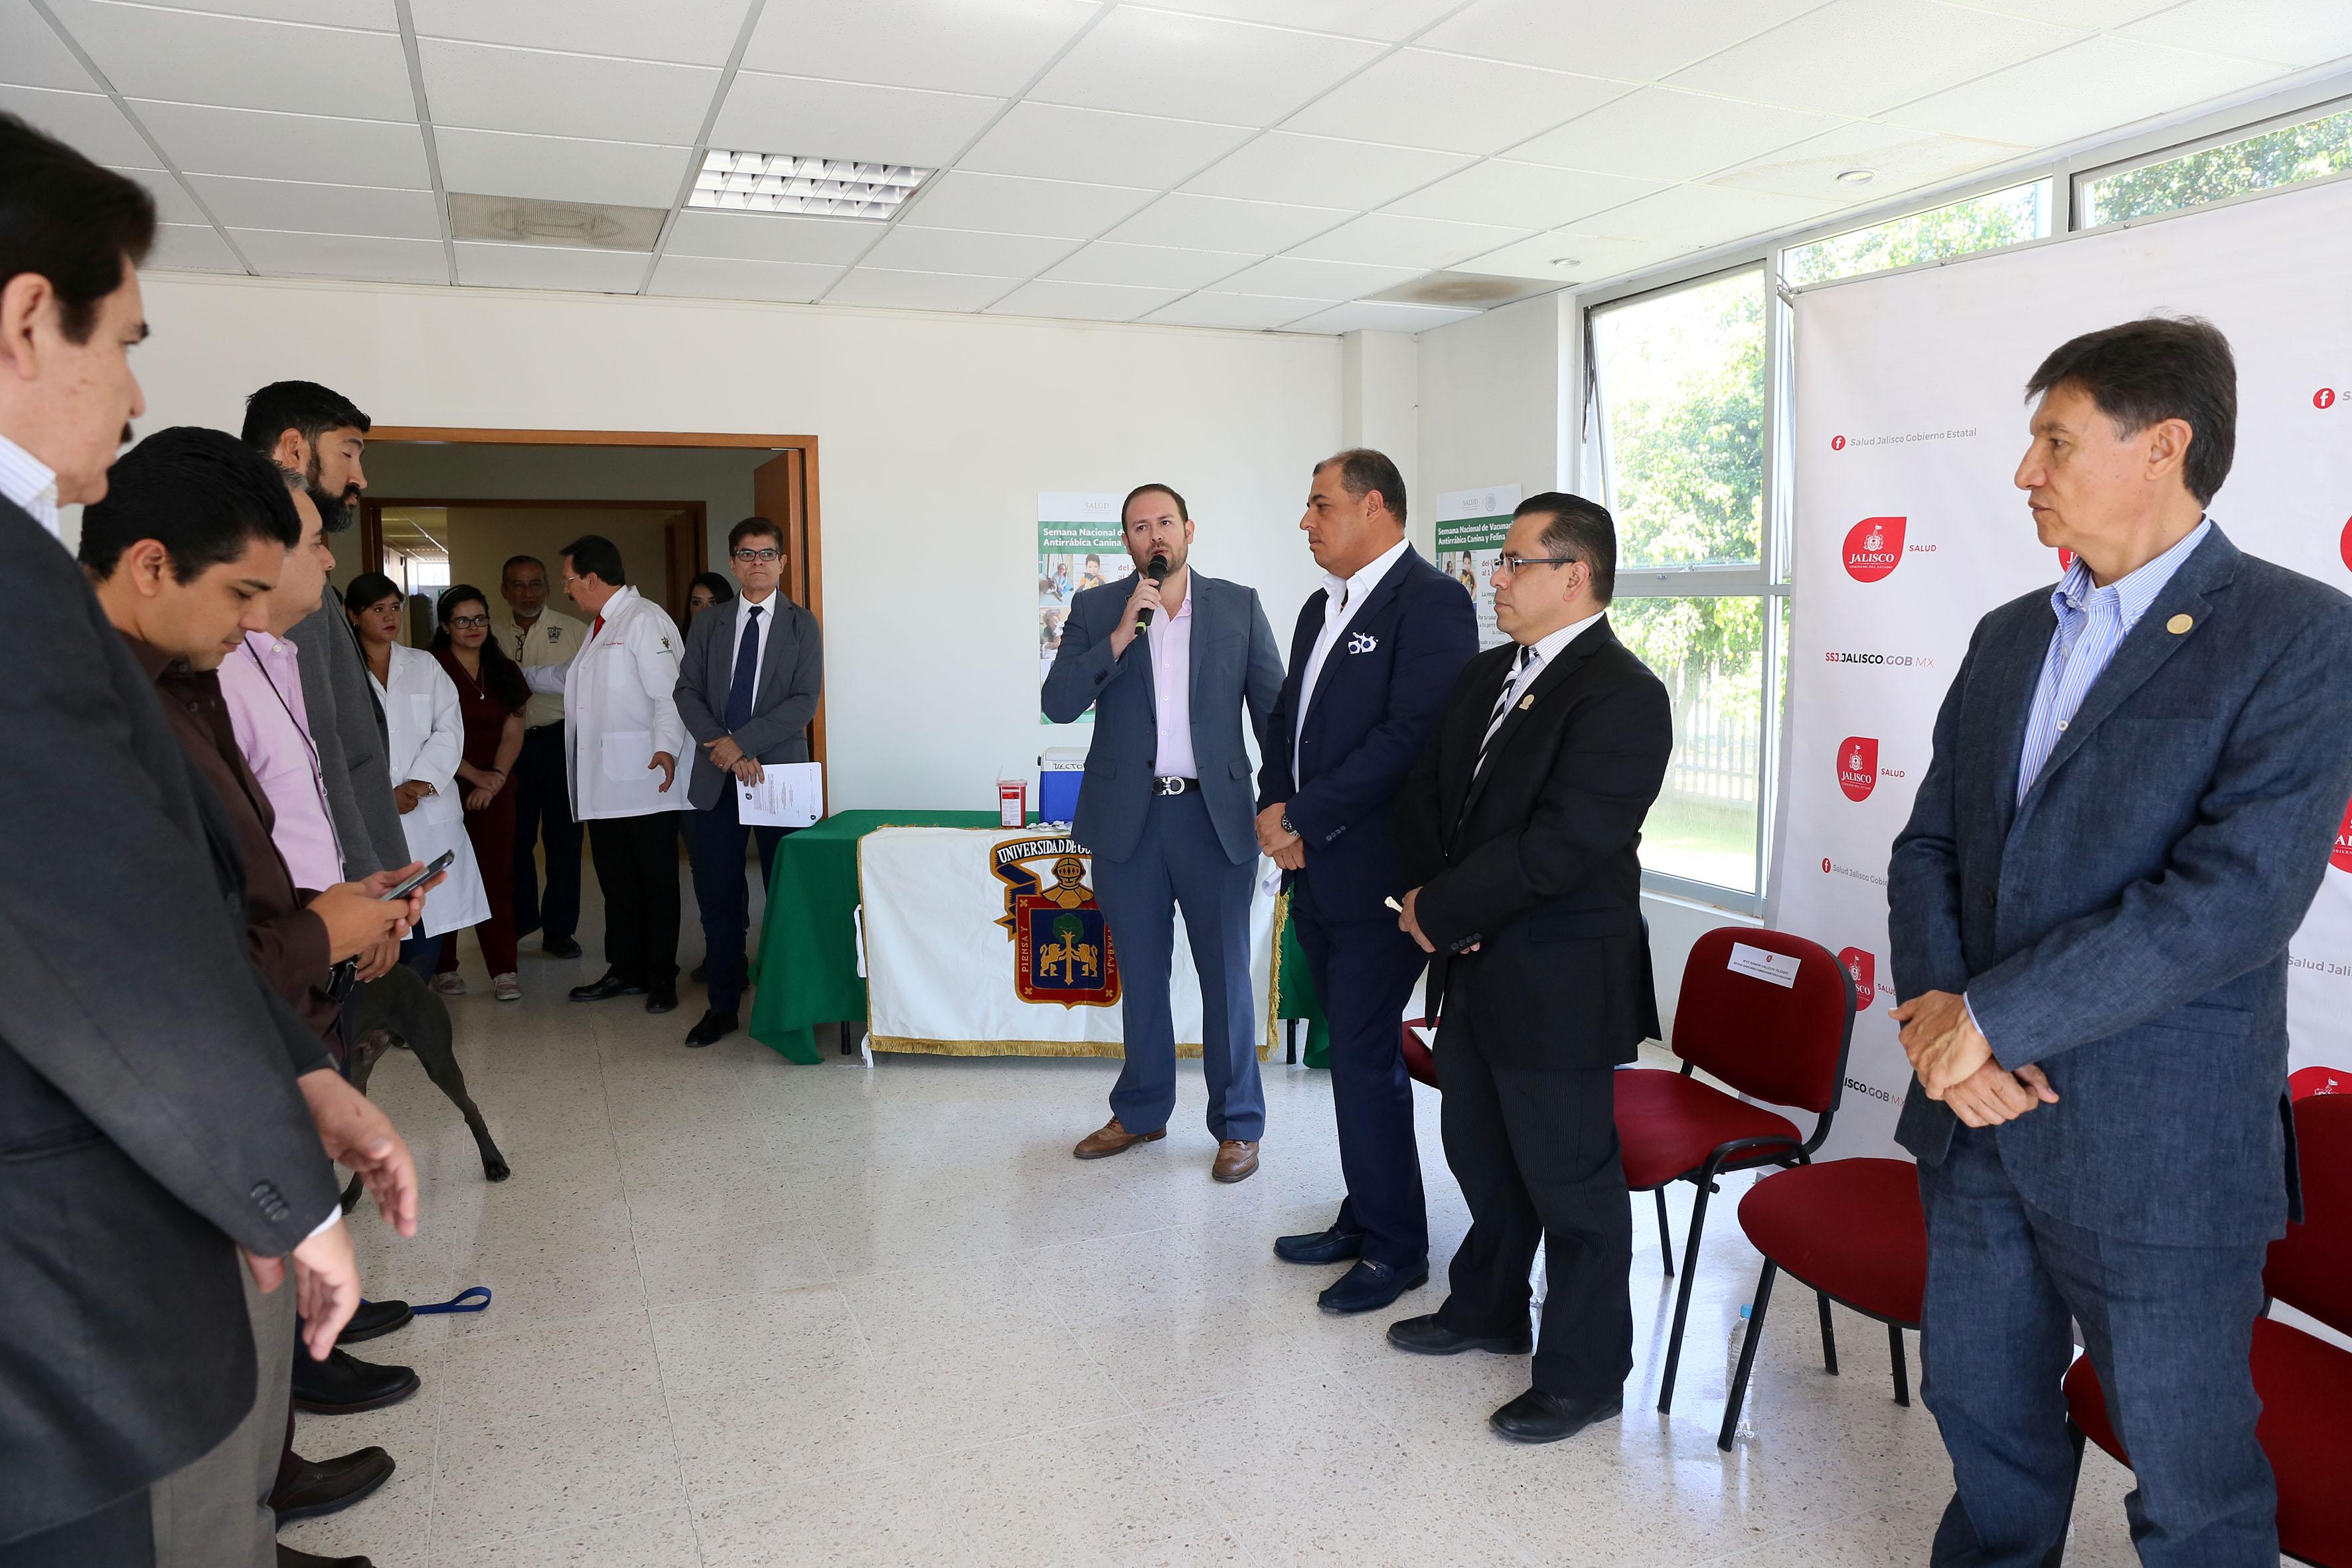 Inauguración de la  Semana Nacional de Vacunación Antirrábica Canina y Felina (2017), segura y gratuita.